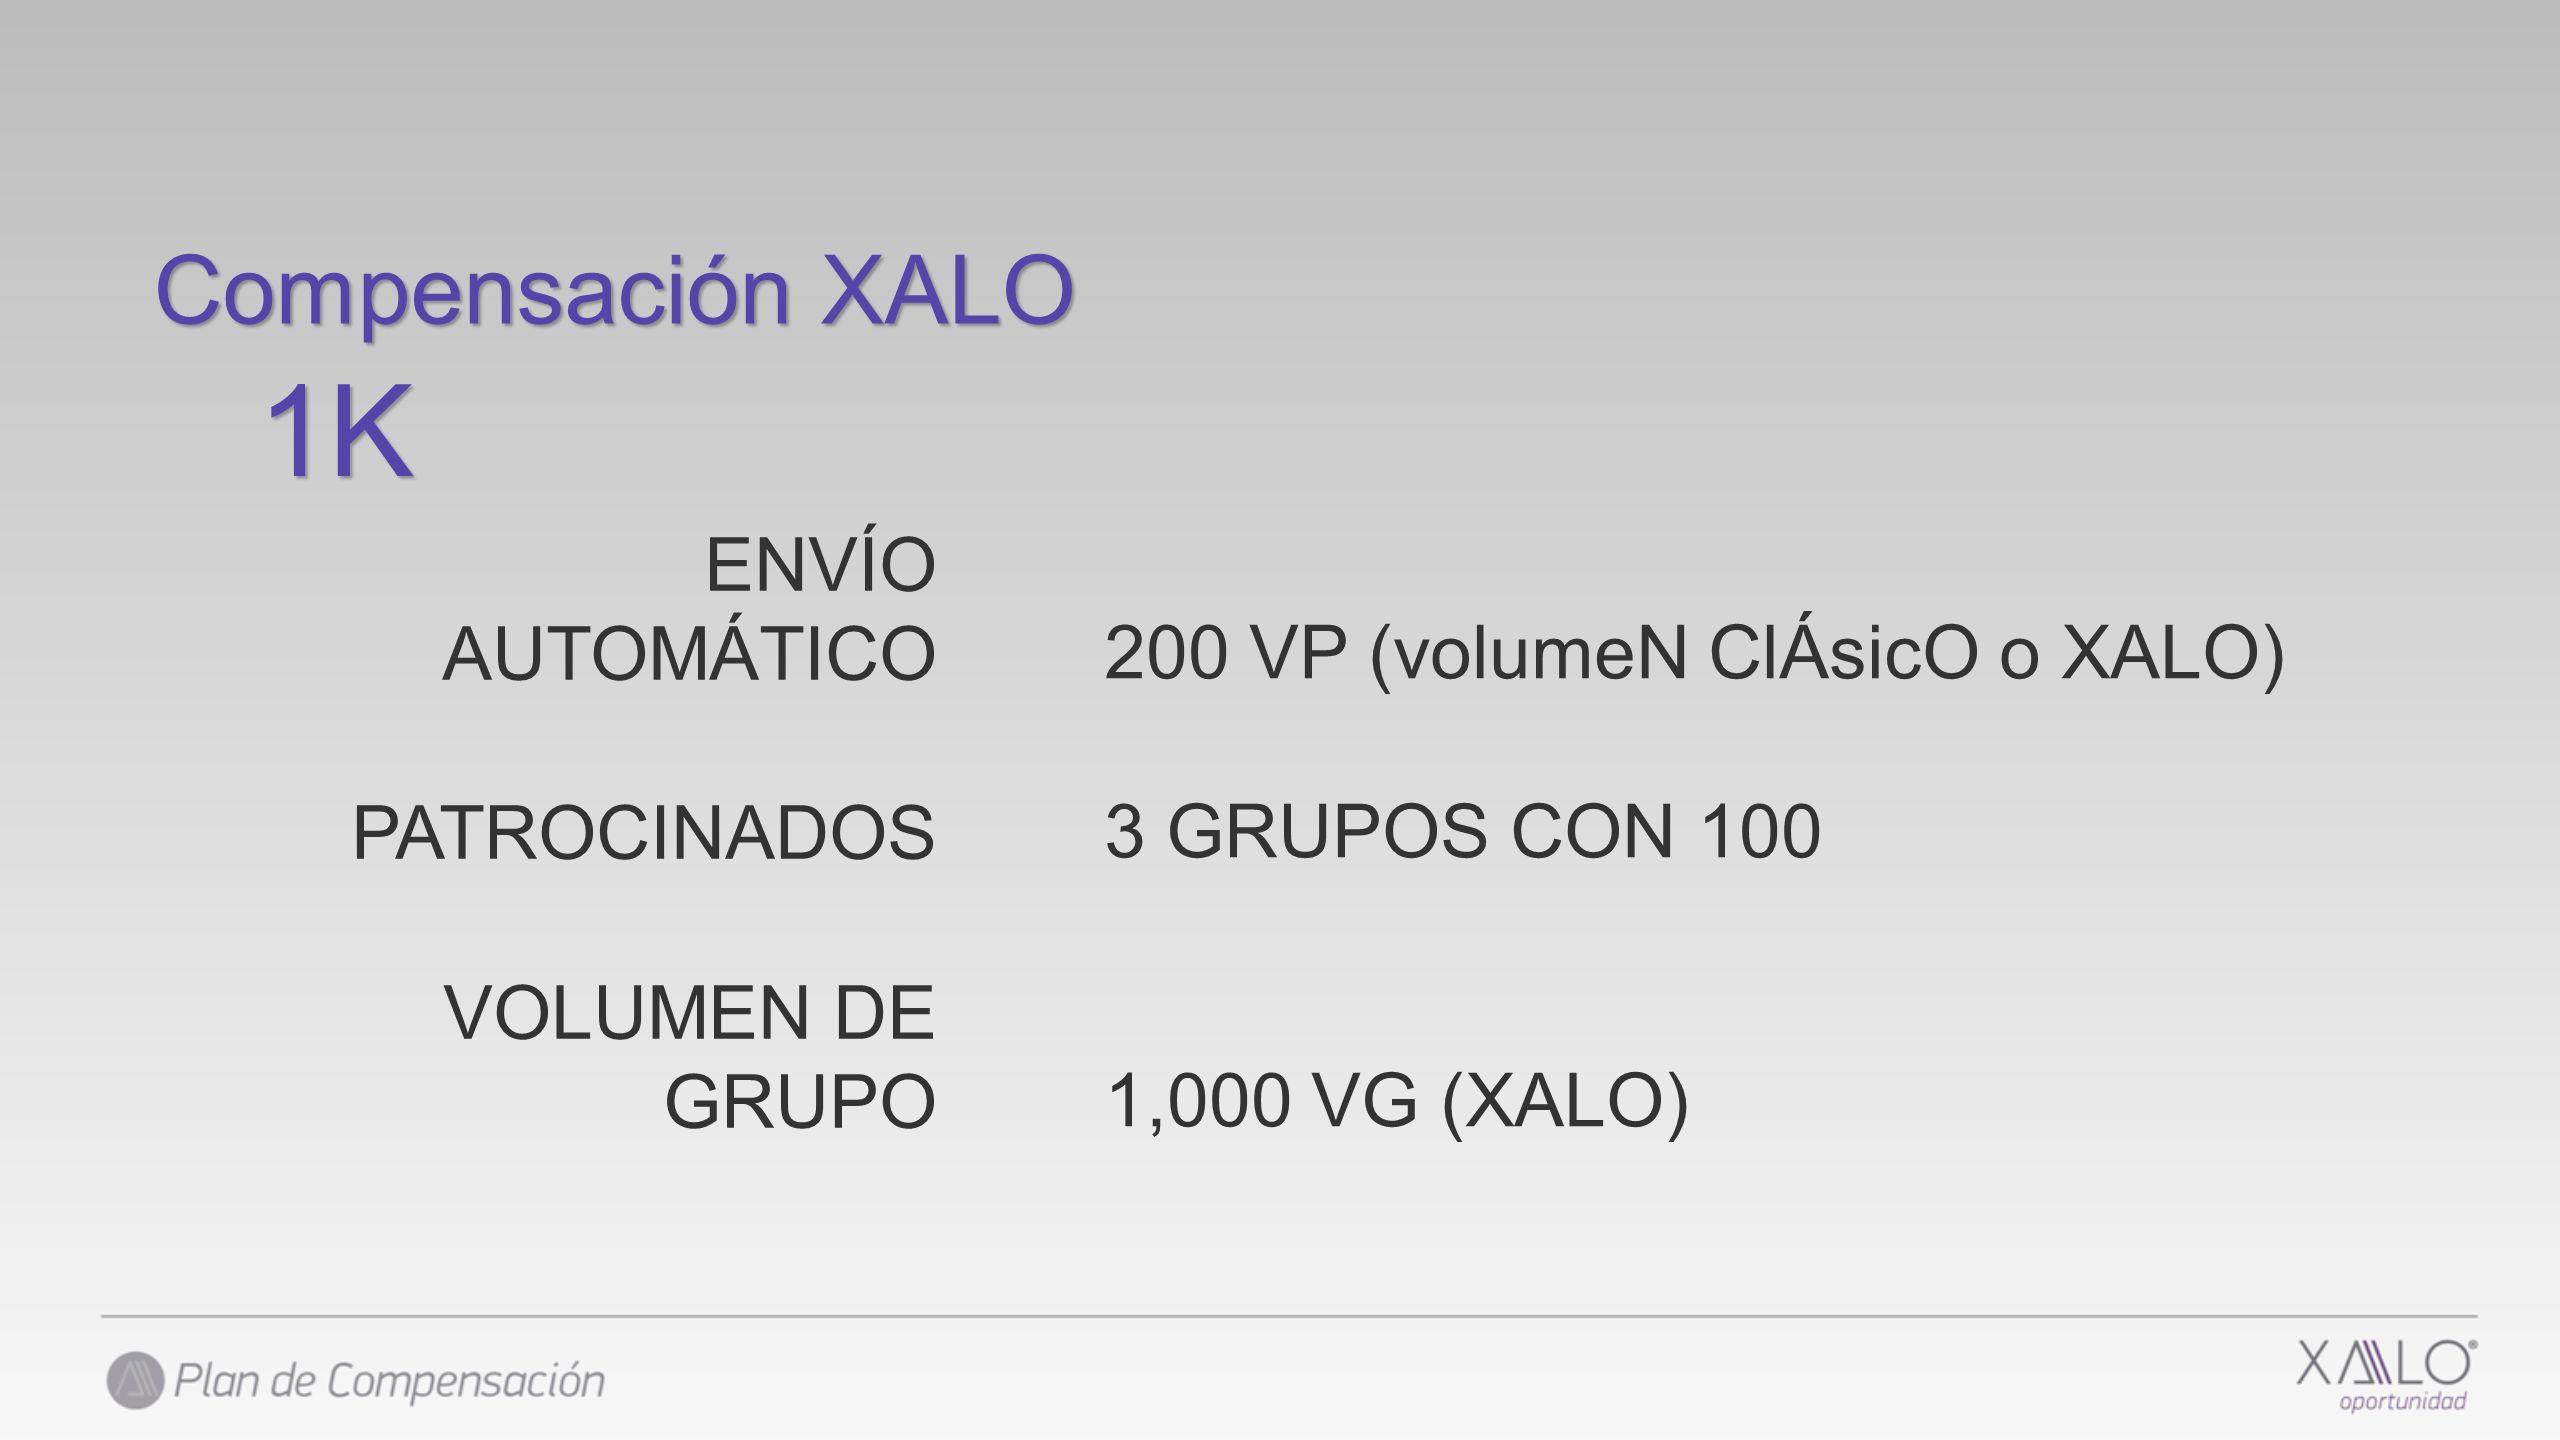 ENVÍO AUTOMÁTICO PATROCINADOS VOLUMEN DE GRUPO 200 VP (volumeN ClÁsicO o XALO) 3 GRUPOS CON 100 1,000 VG (XALO) Compensación XALO 1K